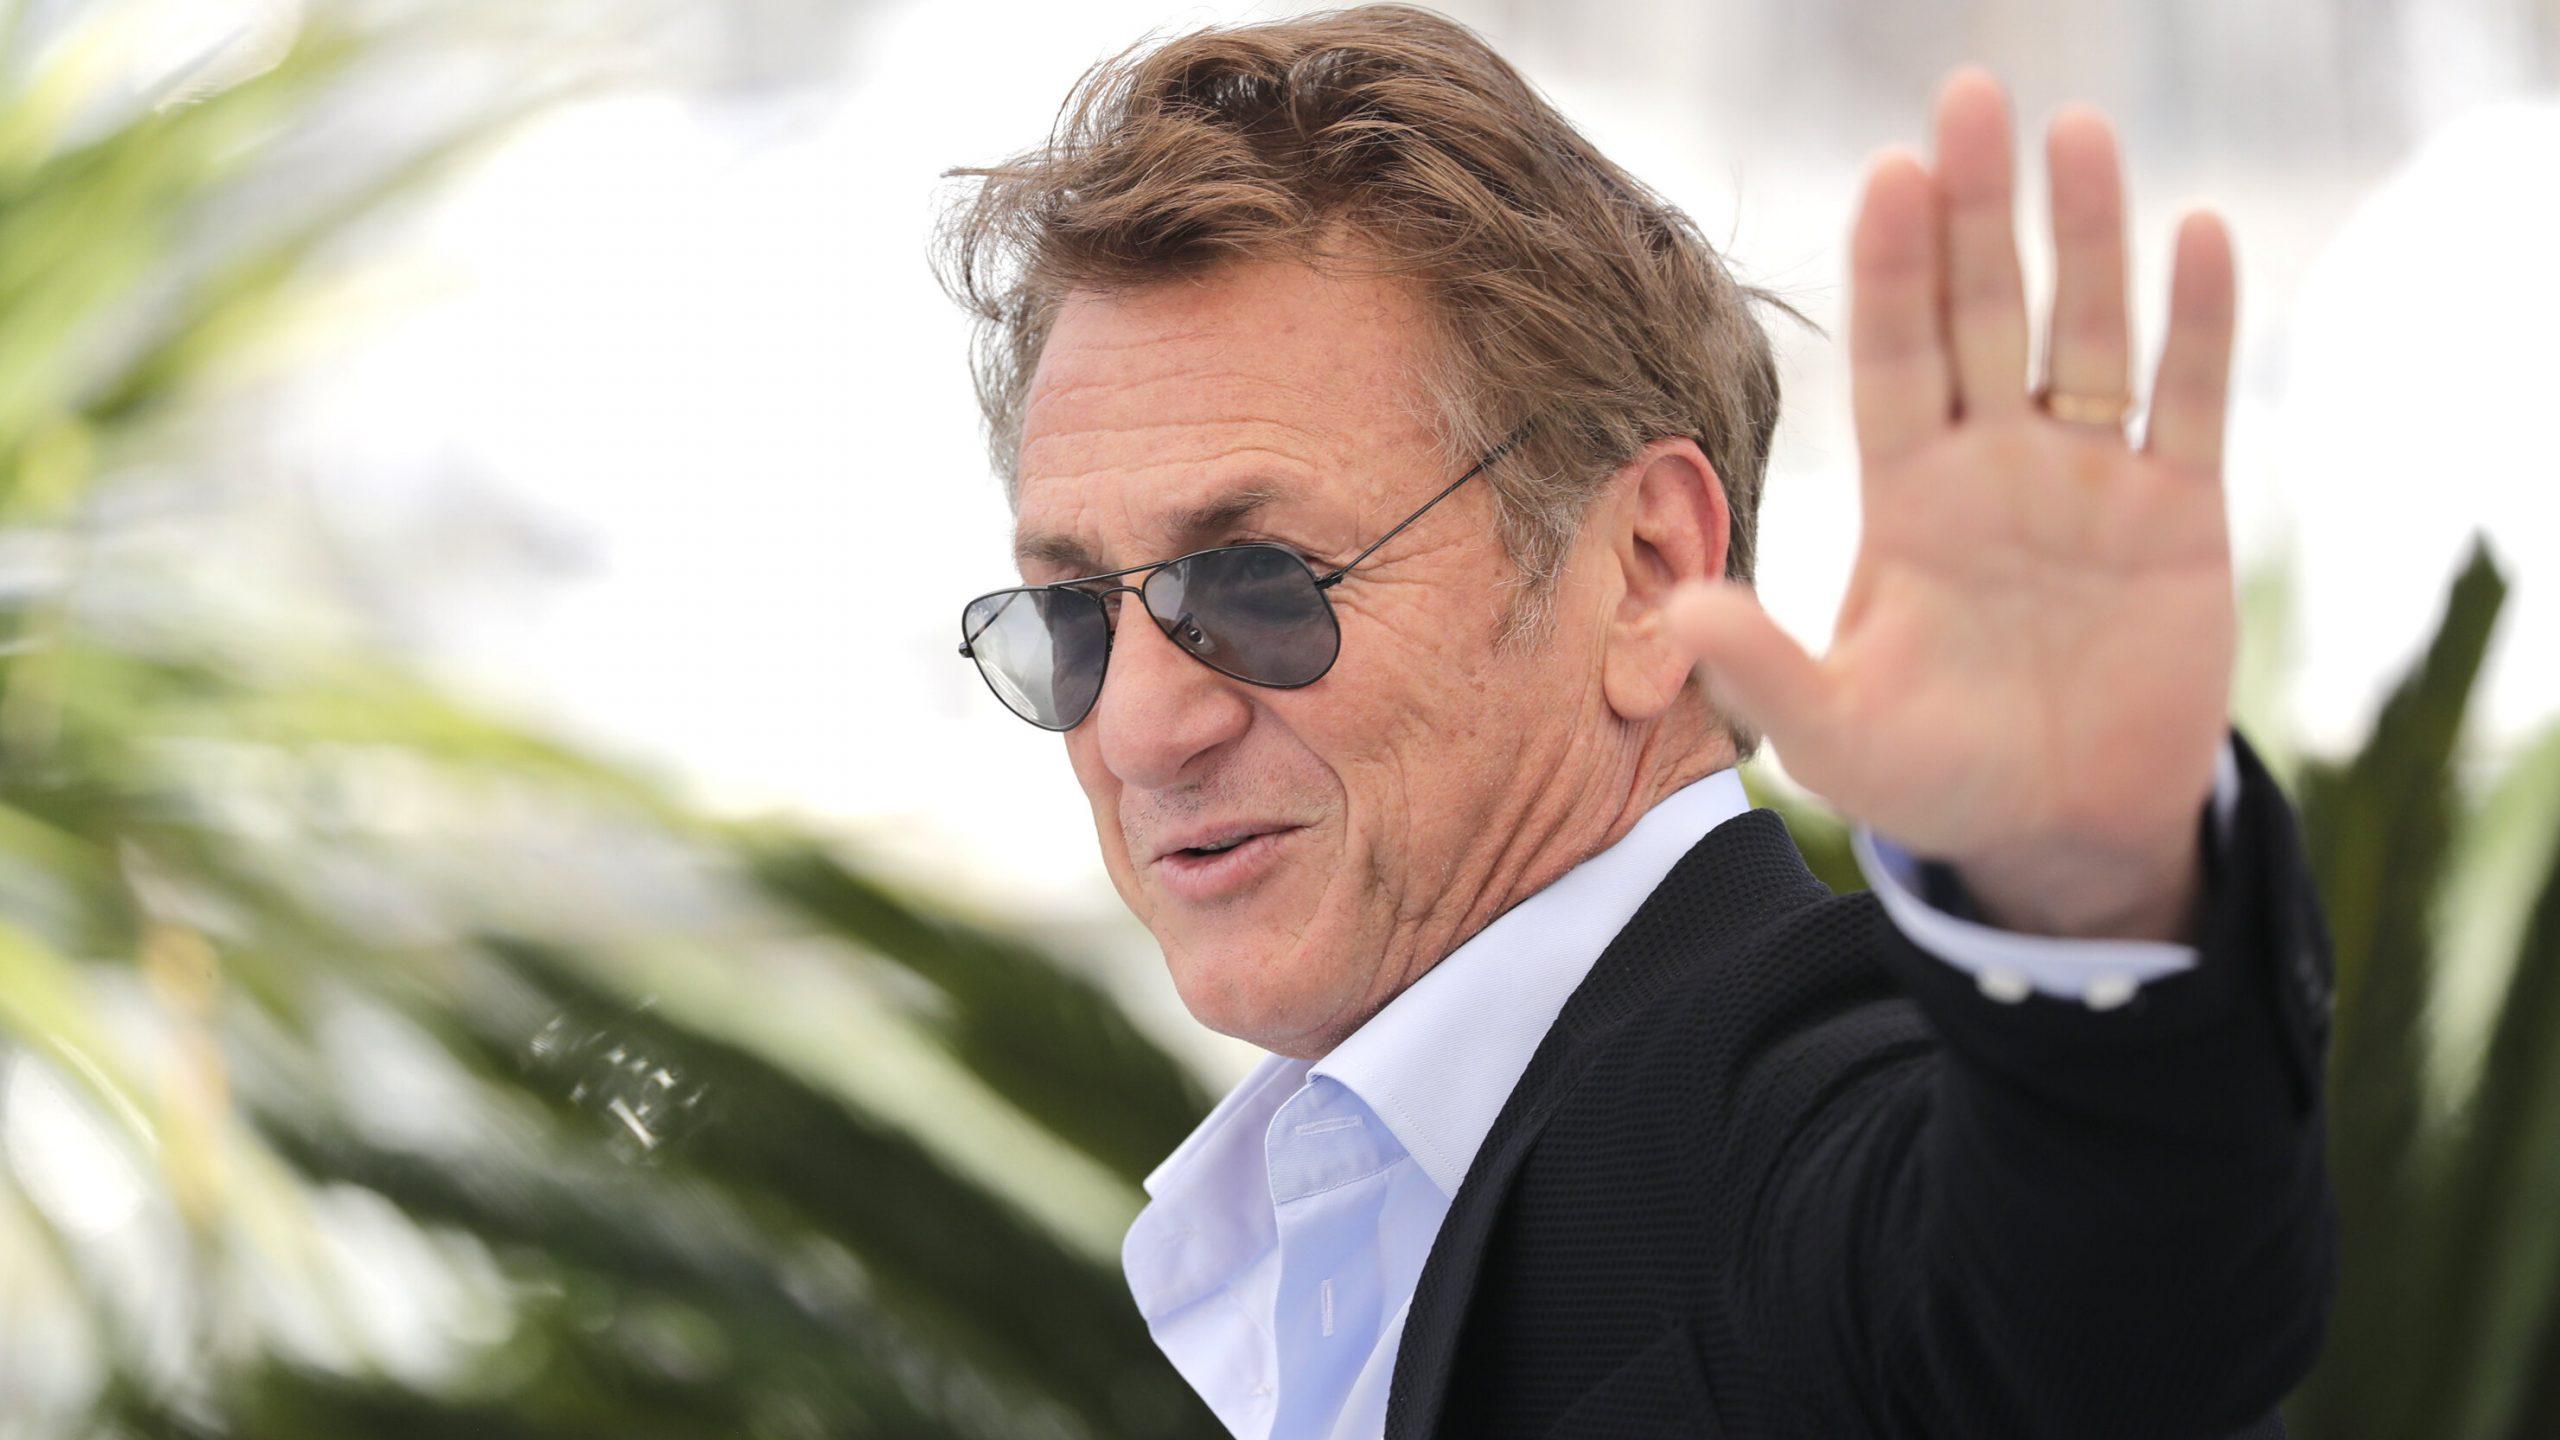 Sean Penn vrea ca vaccinul anti-Covid să fie obligatoriu pentru toți cei implicați în proiectele cinematografice în care joacă